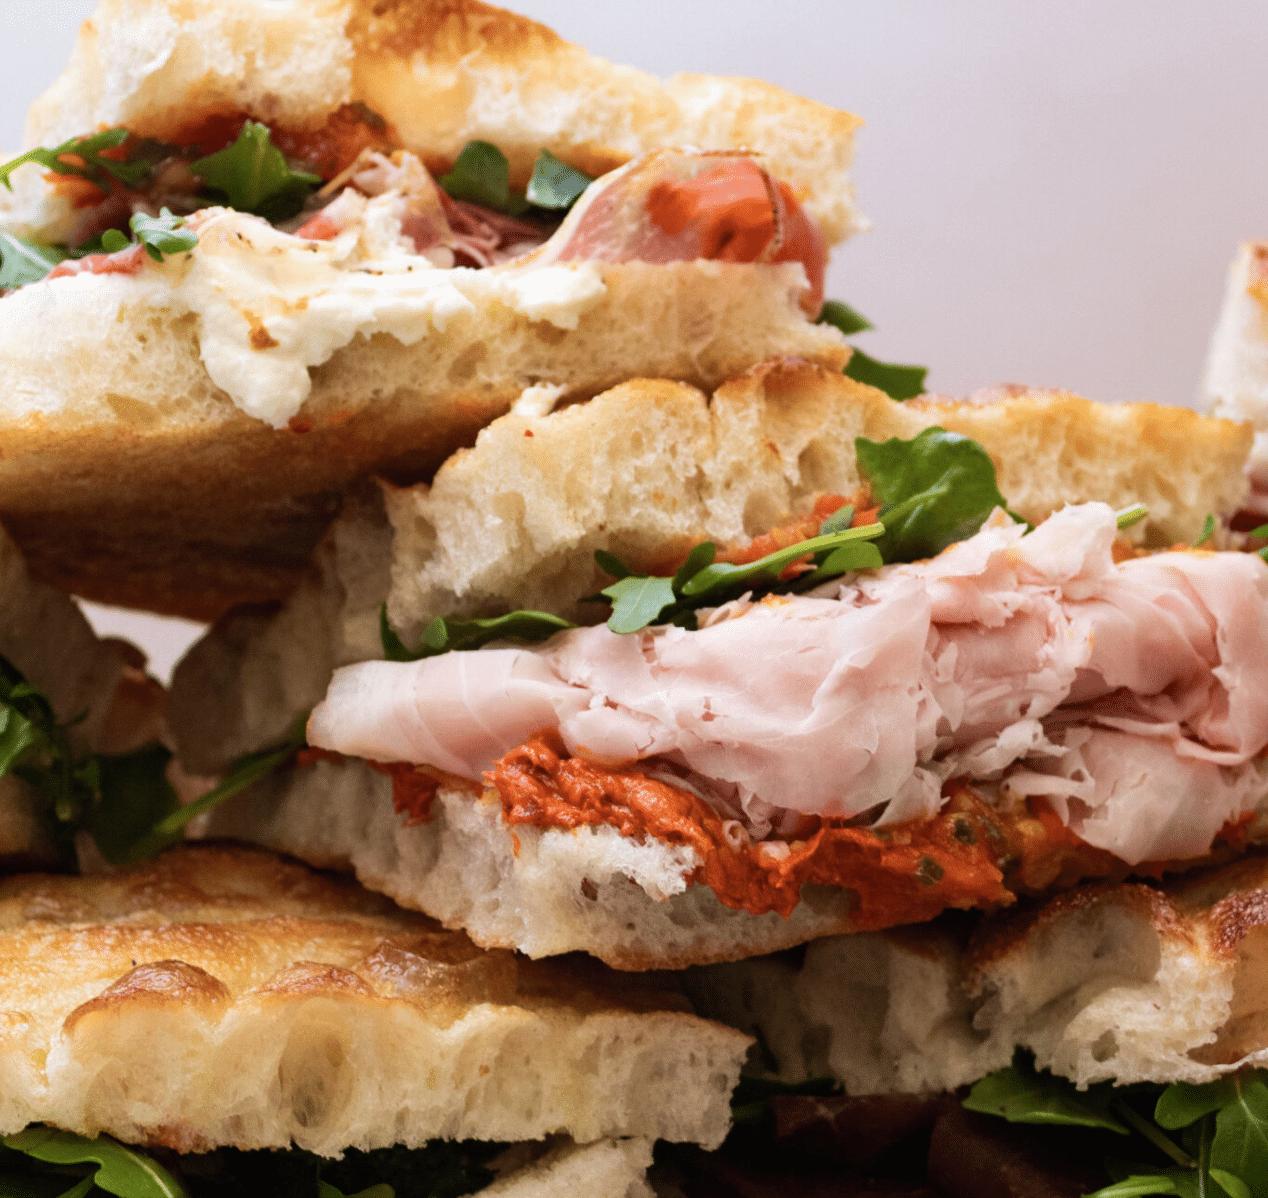 Italian Sandwich Catering